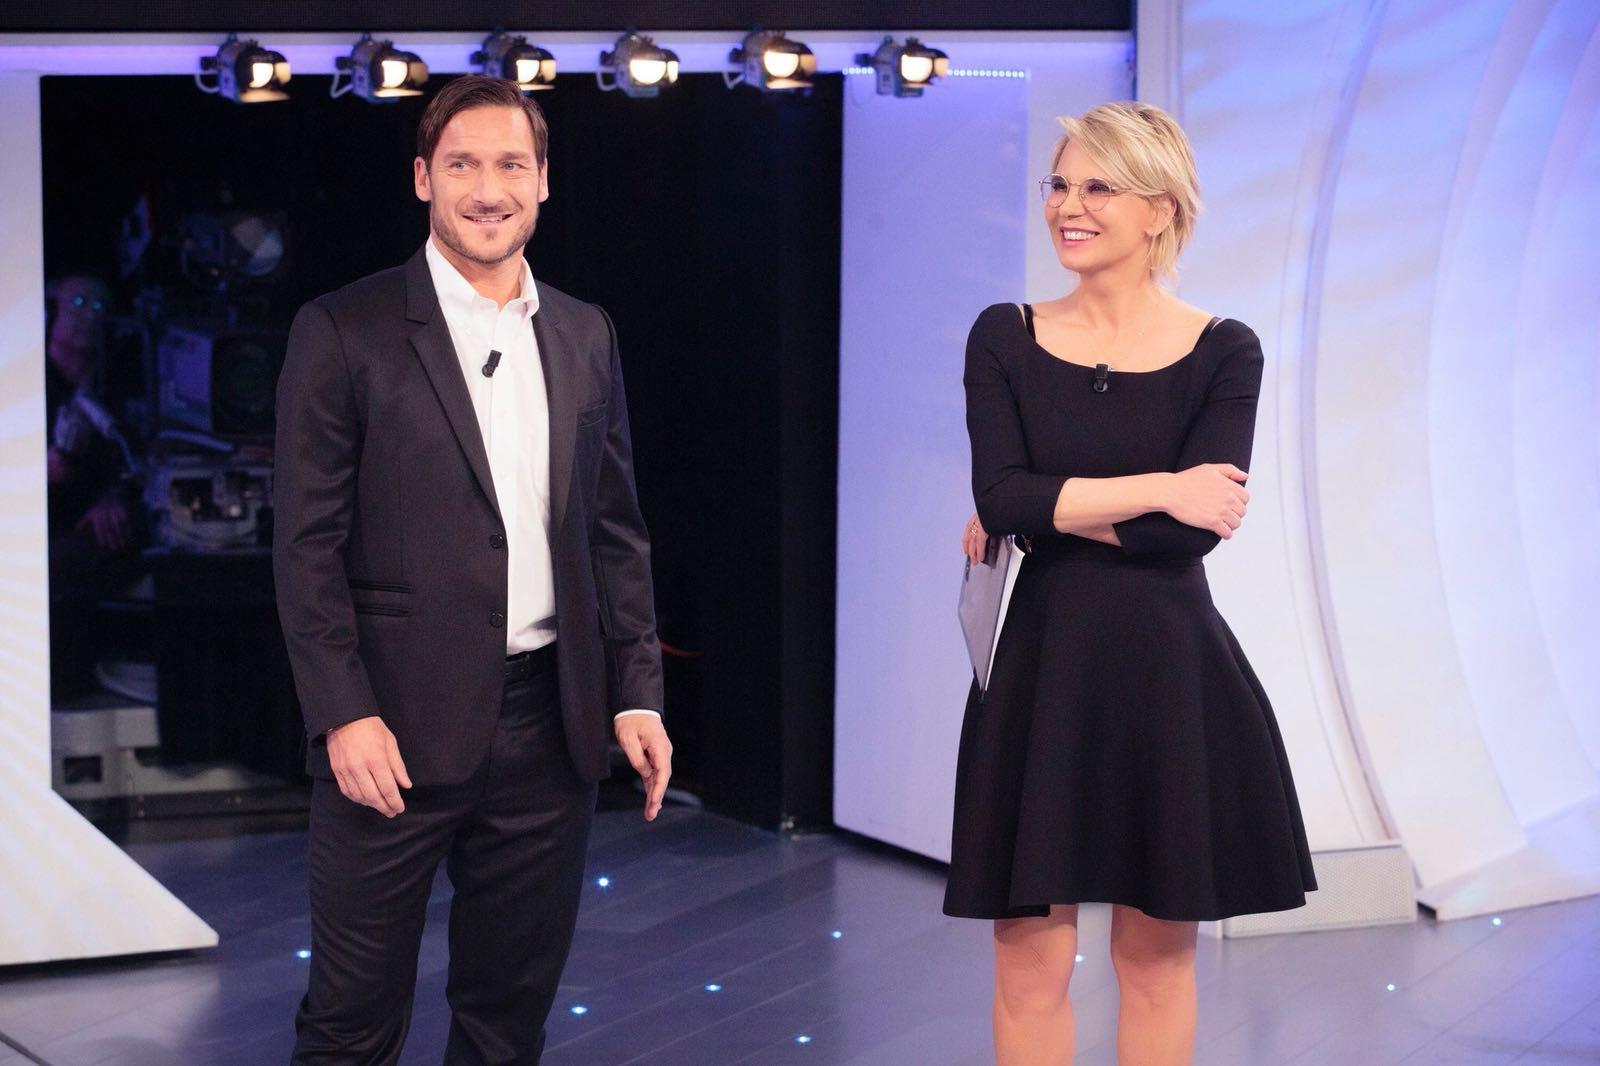 Domani ad Amici di Maria De Filippi arriva Francesco Totti